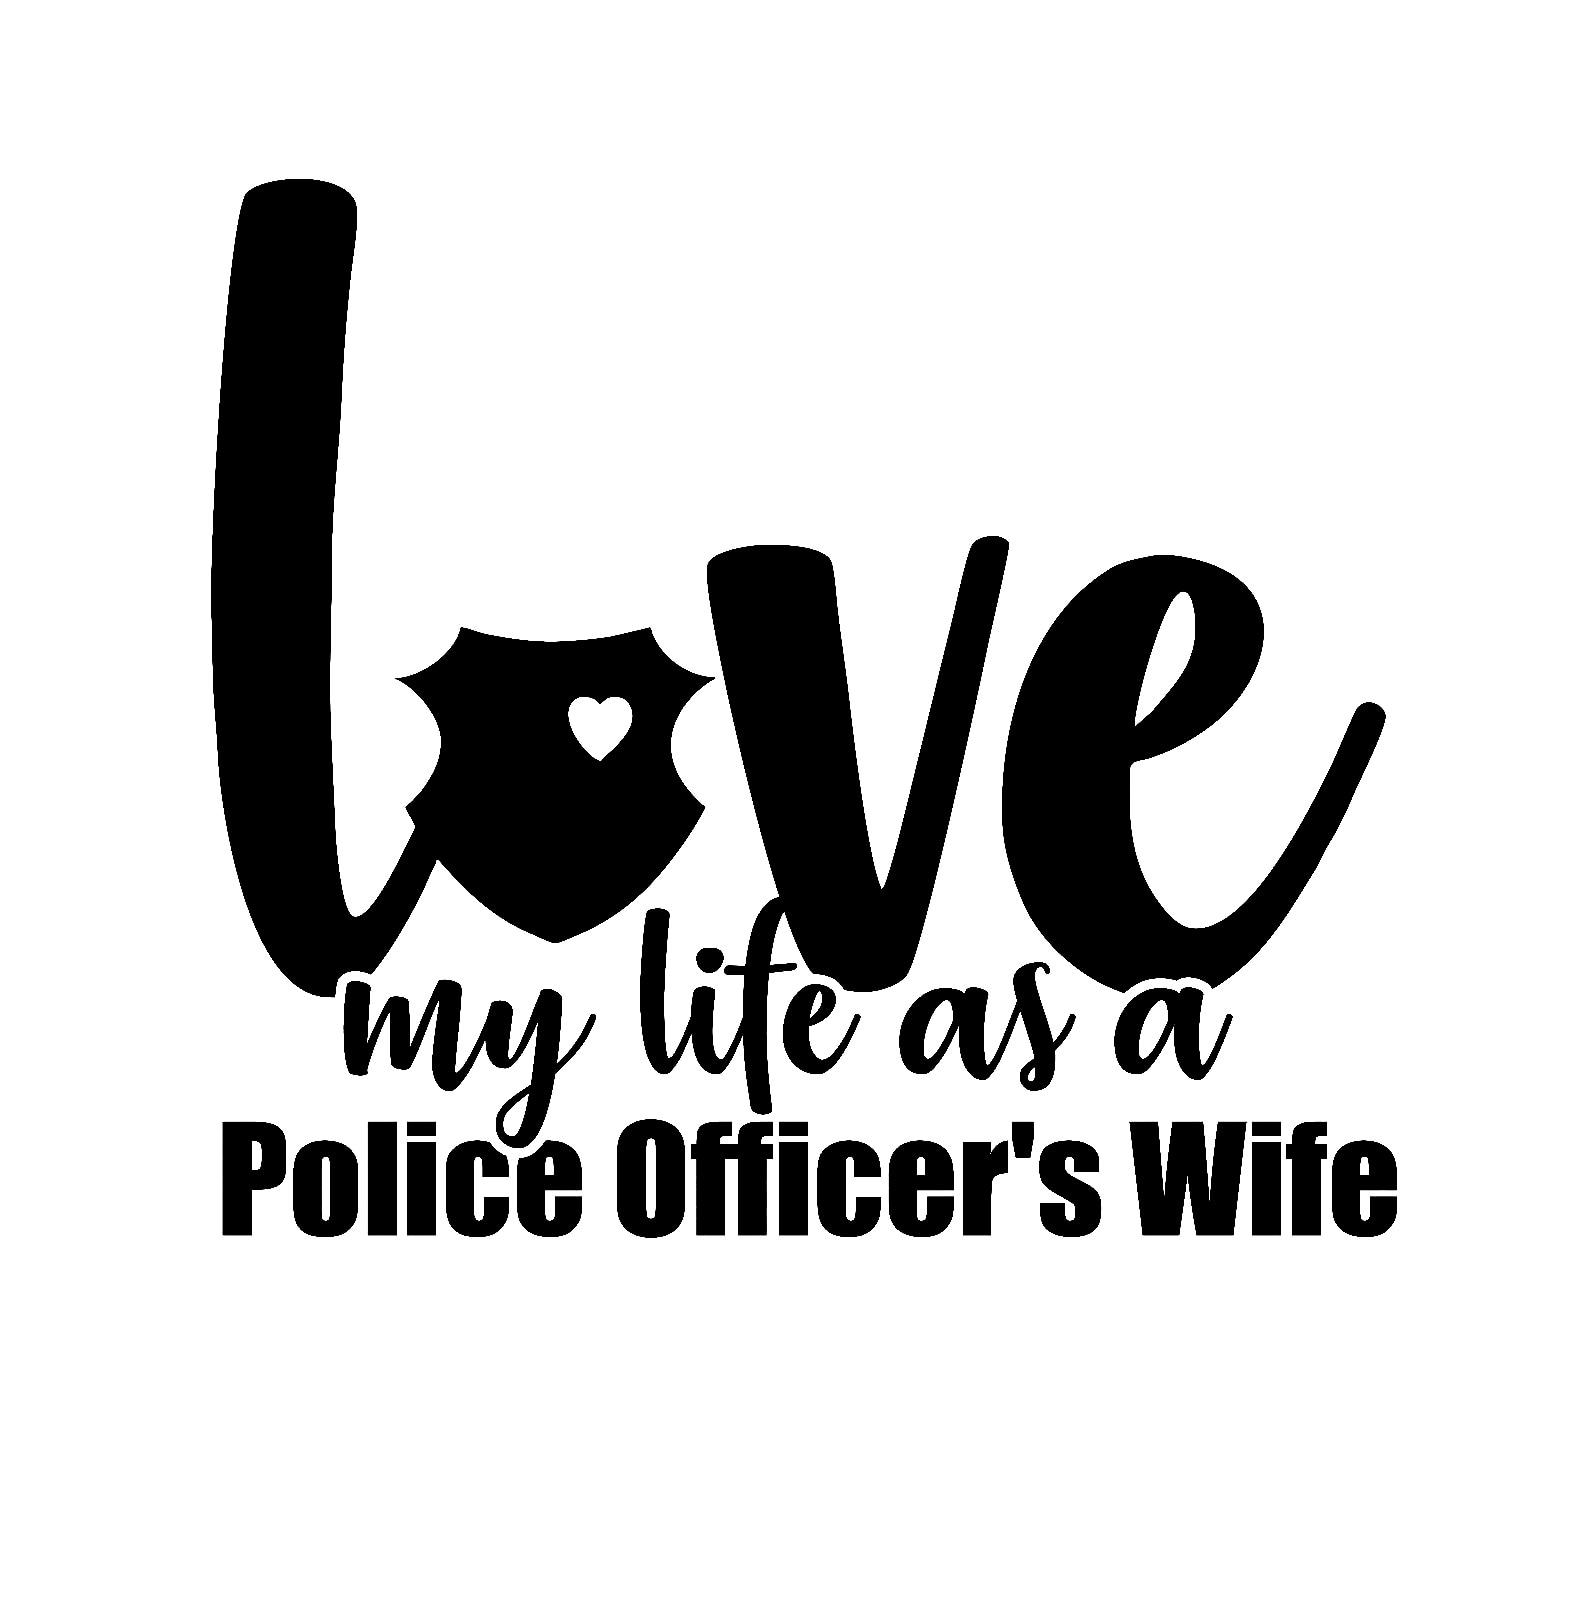 Liebevolle Leben Polizei Offiziere Frau Vinyl Aufkleber Aufkleber Abzeichen Offizier Polizist Ich Liebe Interessant Auto Aufkleber